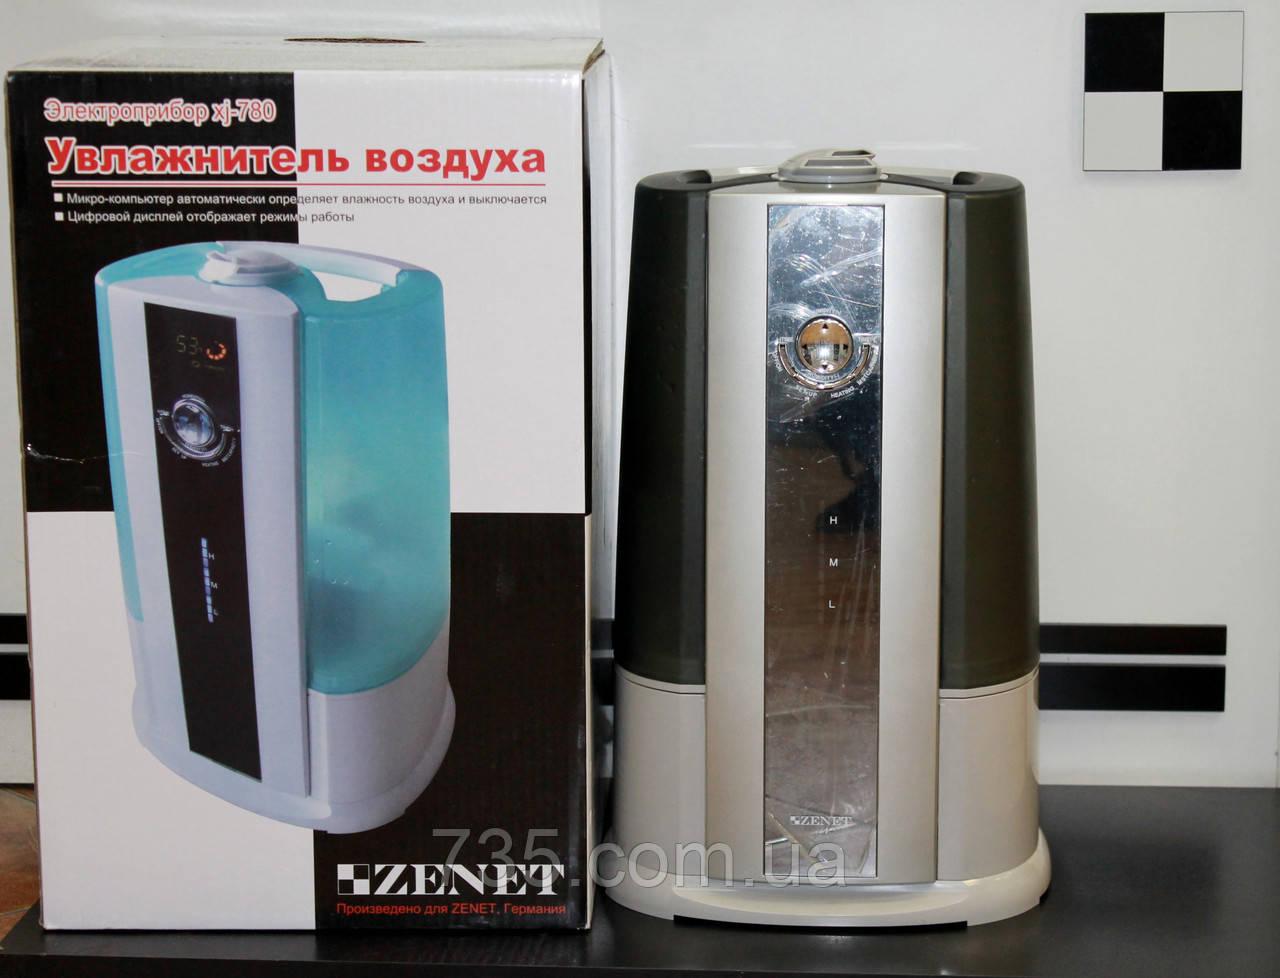 Увлажнитель воздуха для частного дома ZENET XJ-780